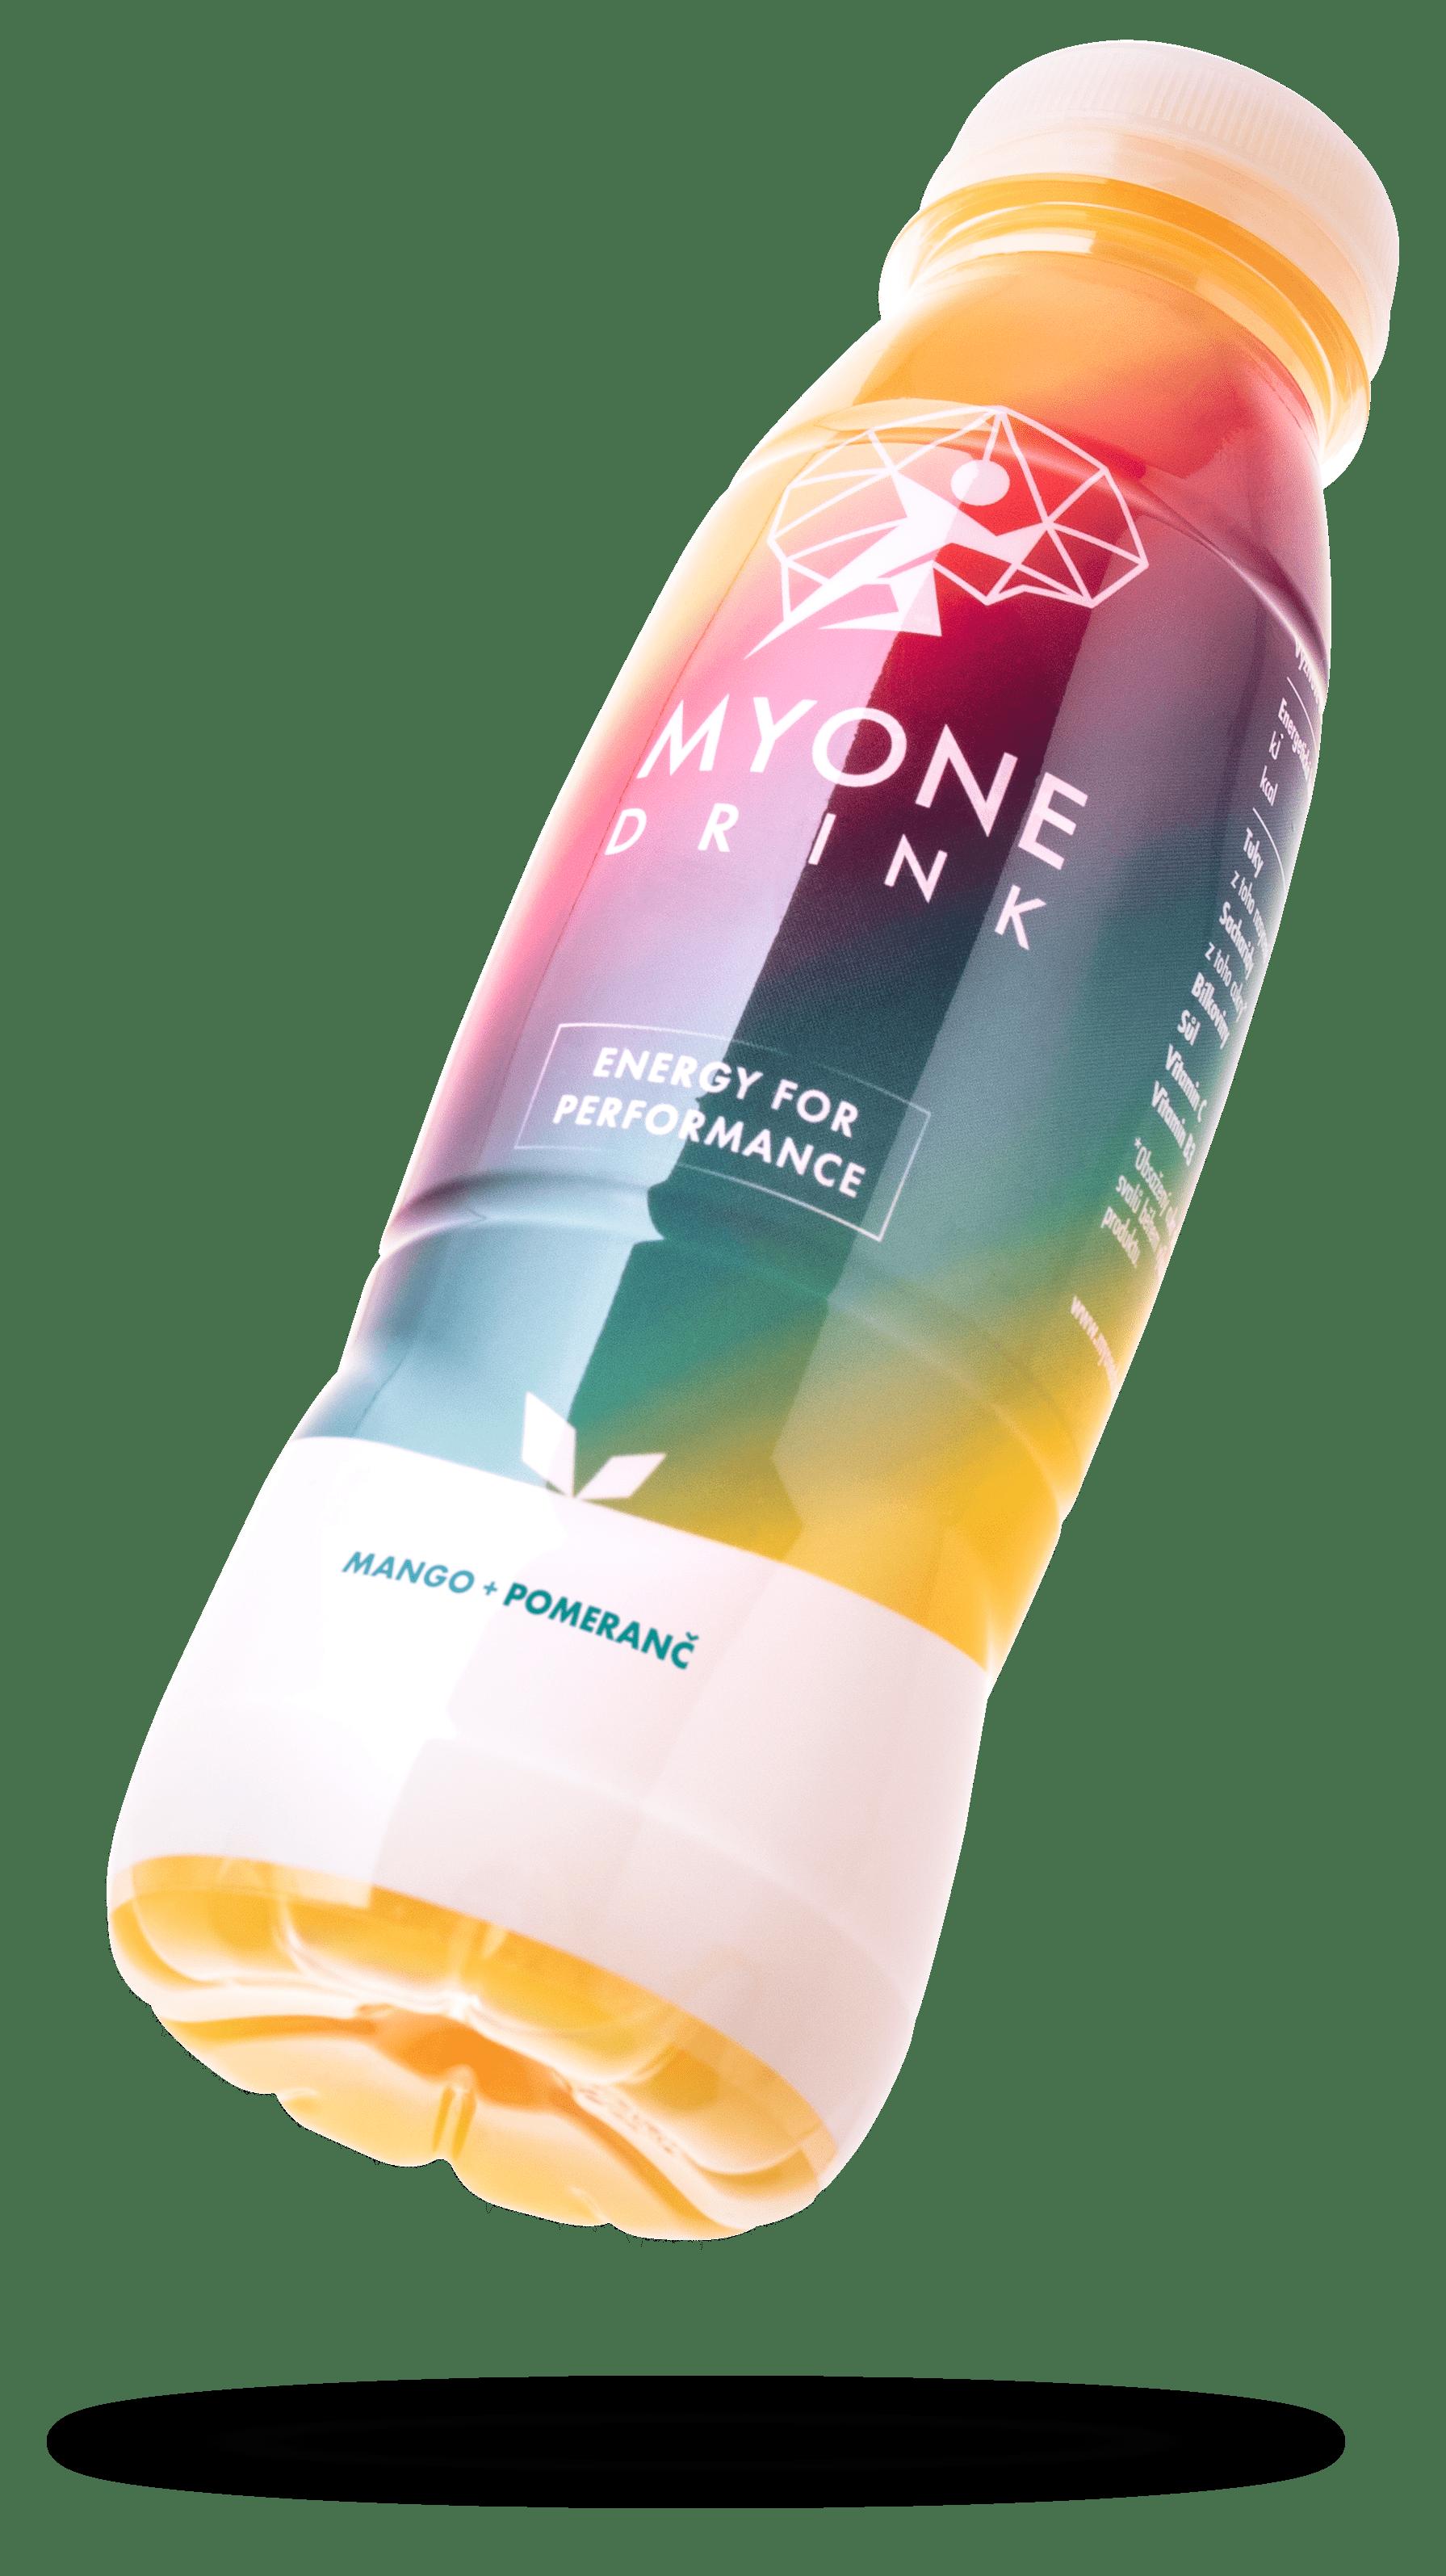 A bottle of Myone drink